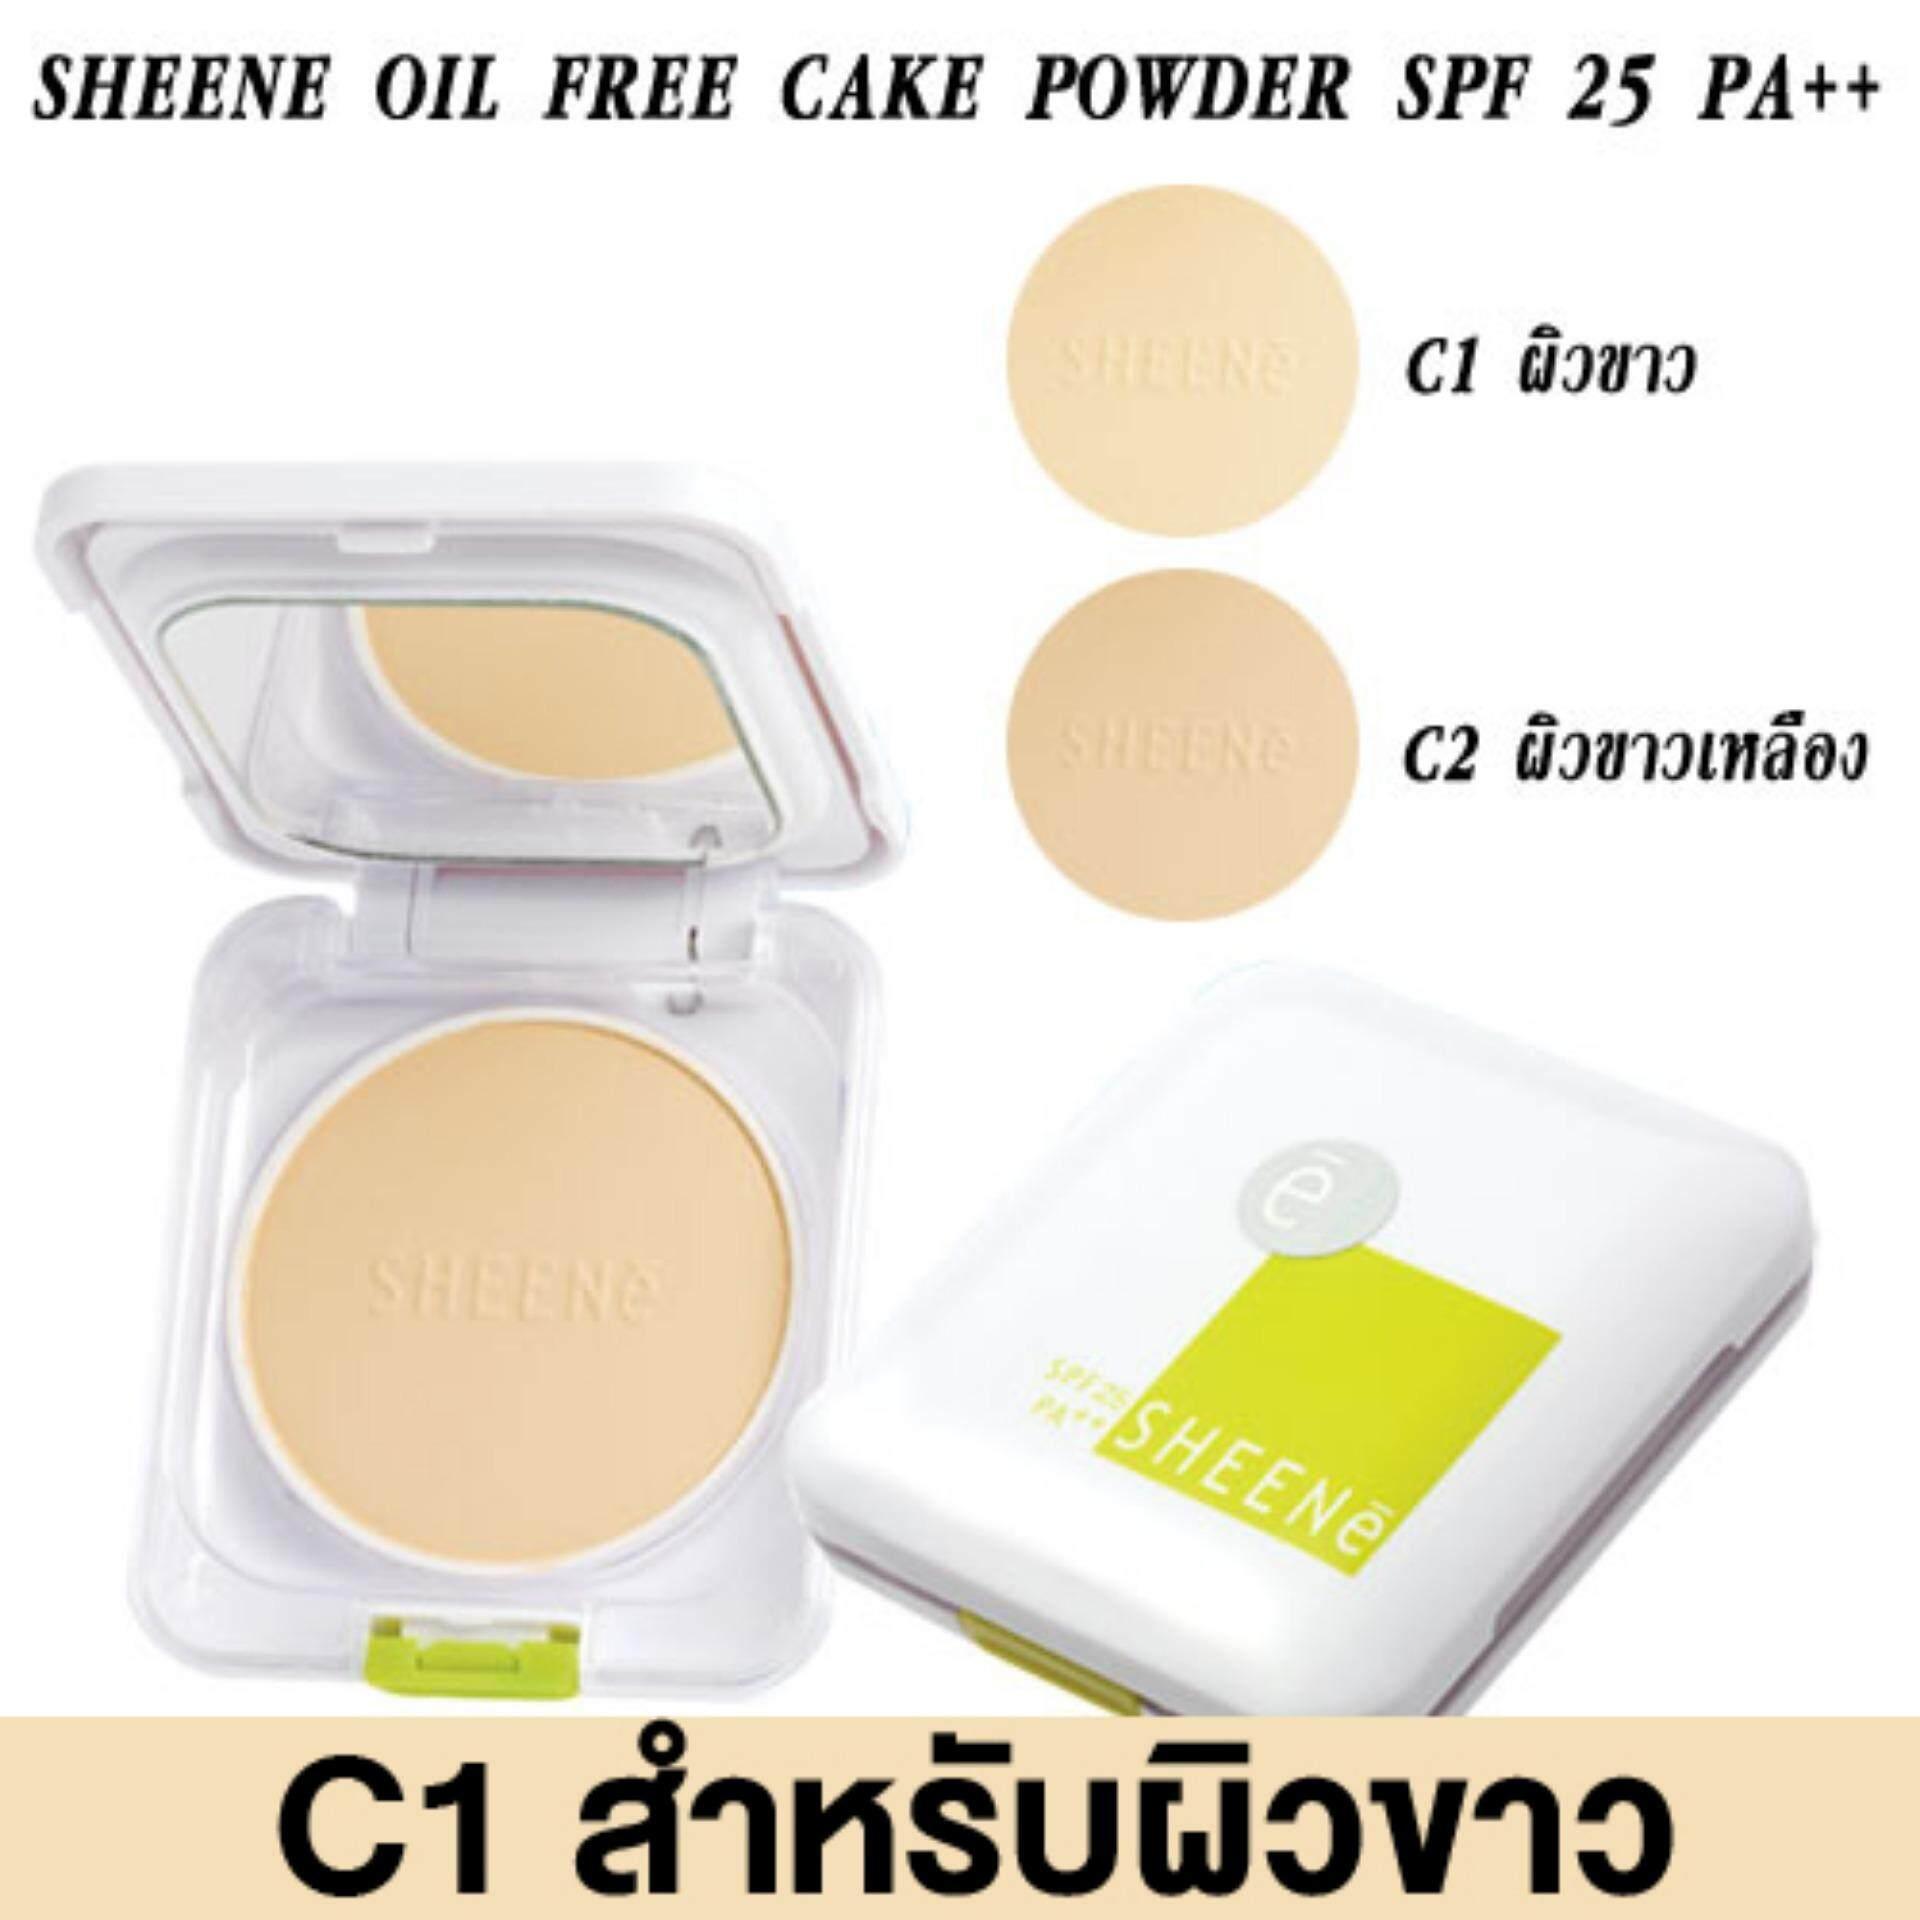 ราคา Sheene Oil Free Cake Powder Spf 25 Pa แป้งควบคุมความมัน C1 ผิวขาว ถูก